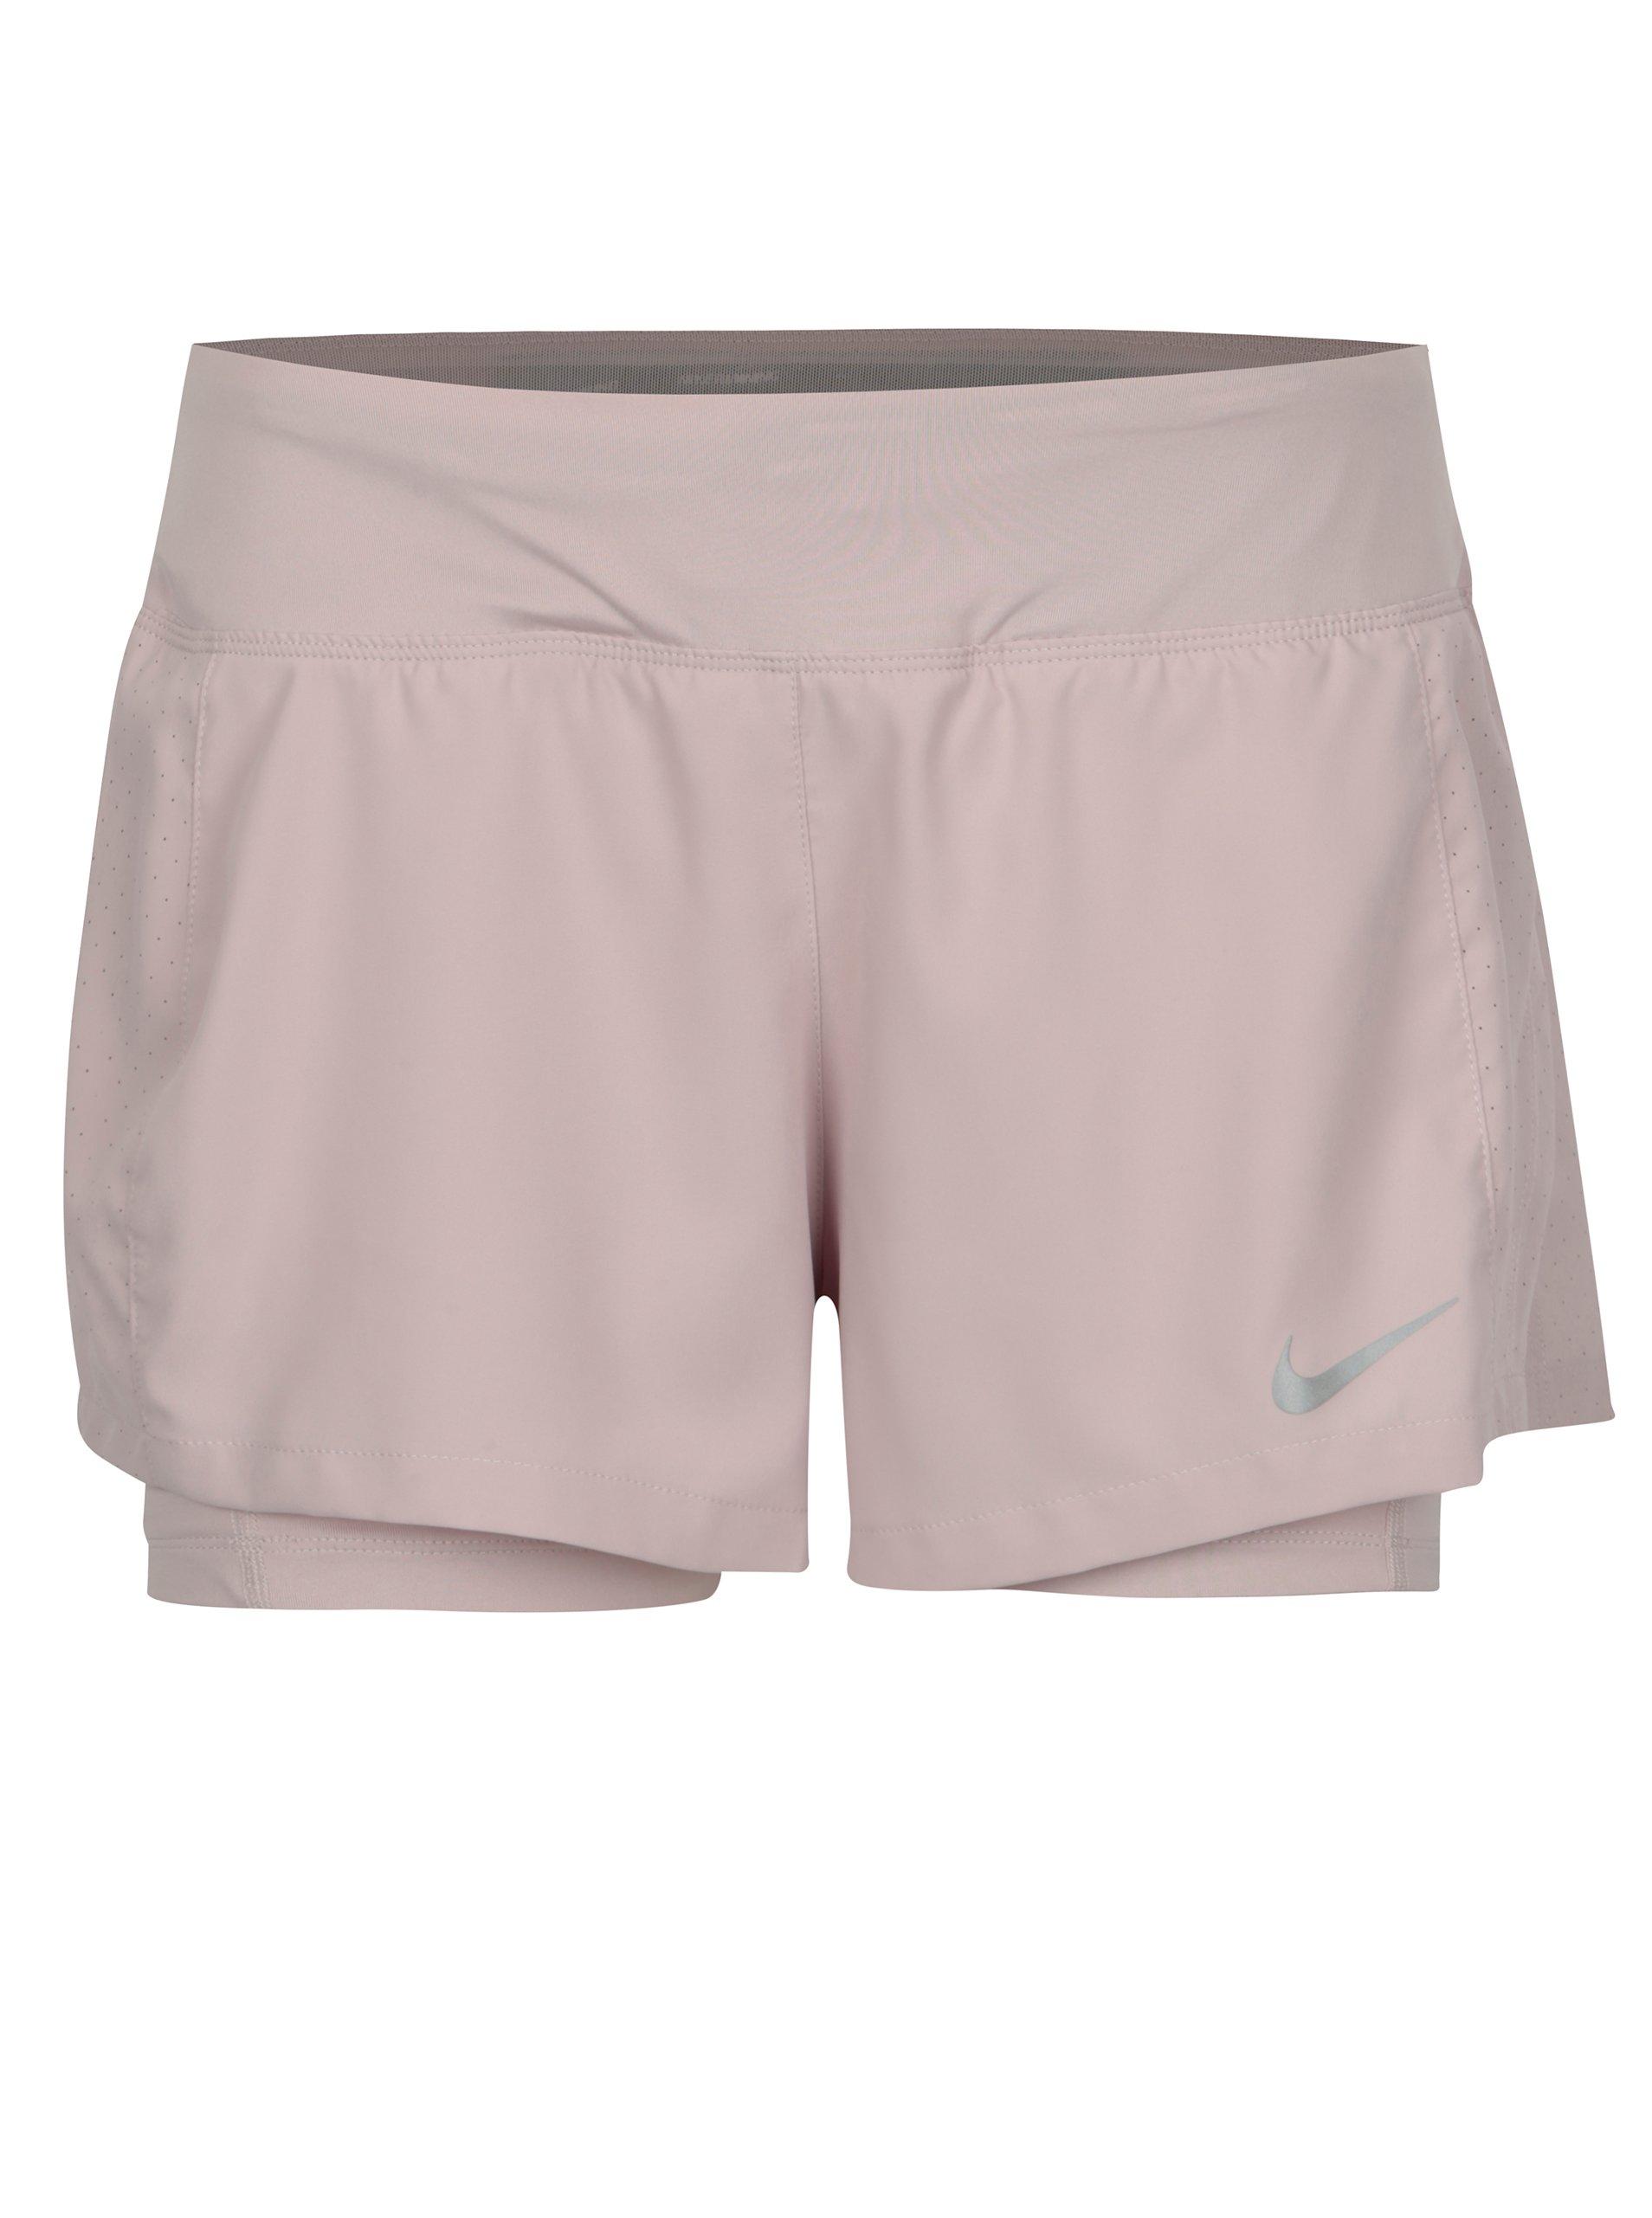 Světle růžové dámské funkční kraťasy Nike Eclipse 2-in-1Triumph